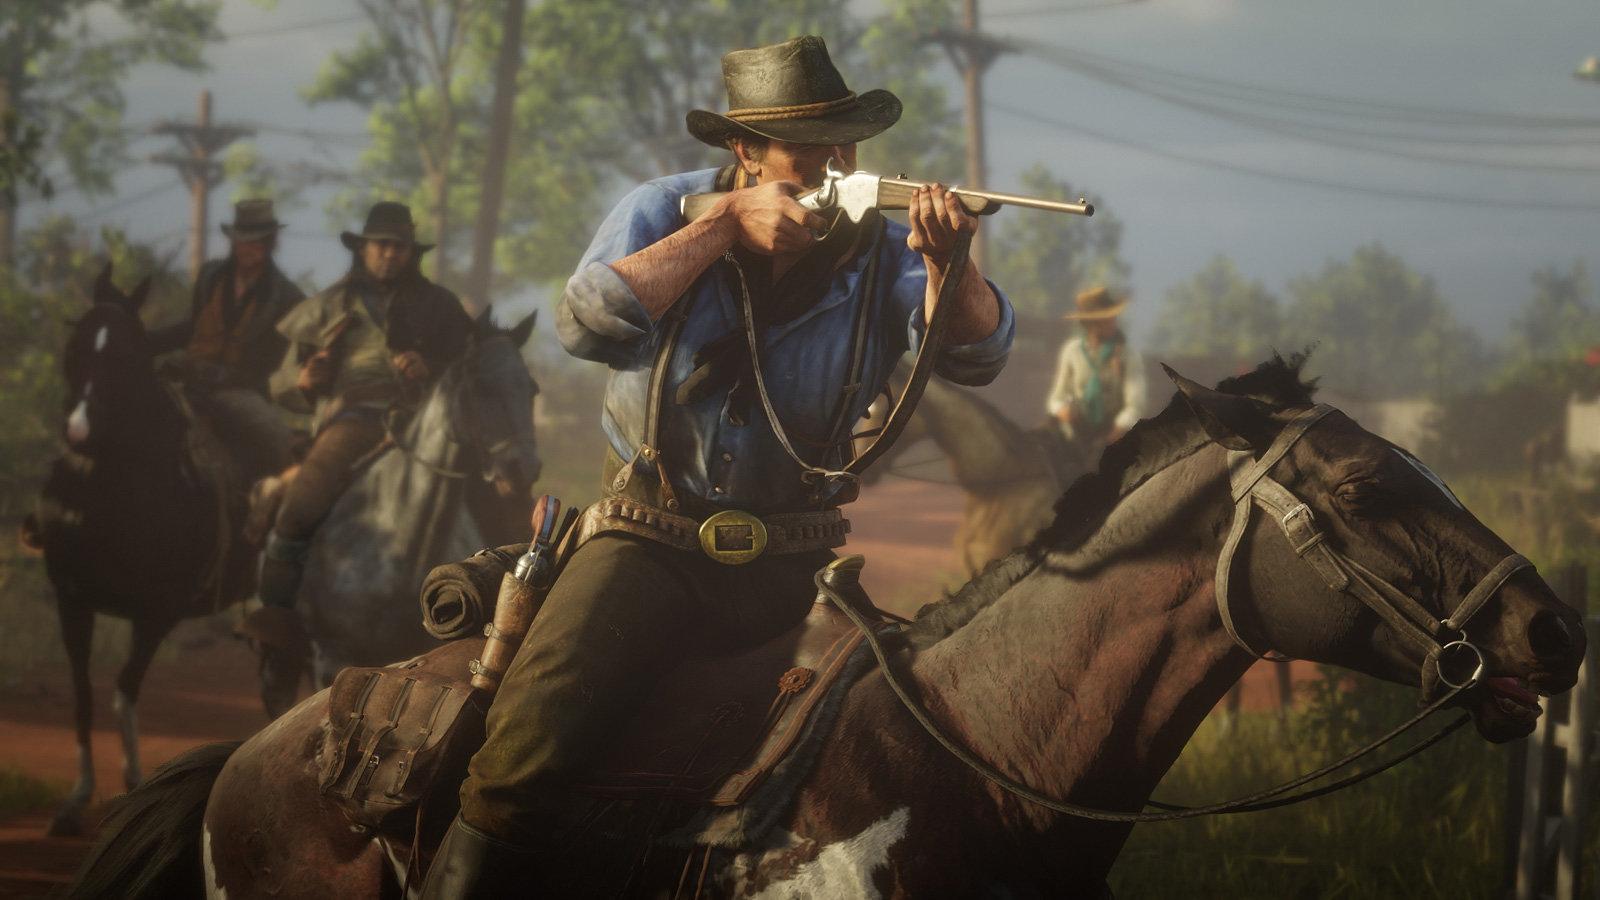 كل ما تحتاج معرفته حول لعبة Red Dead Redemption II ( ريد ديد ريديمبشن )